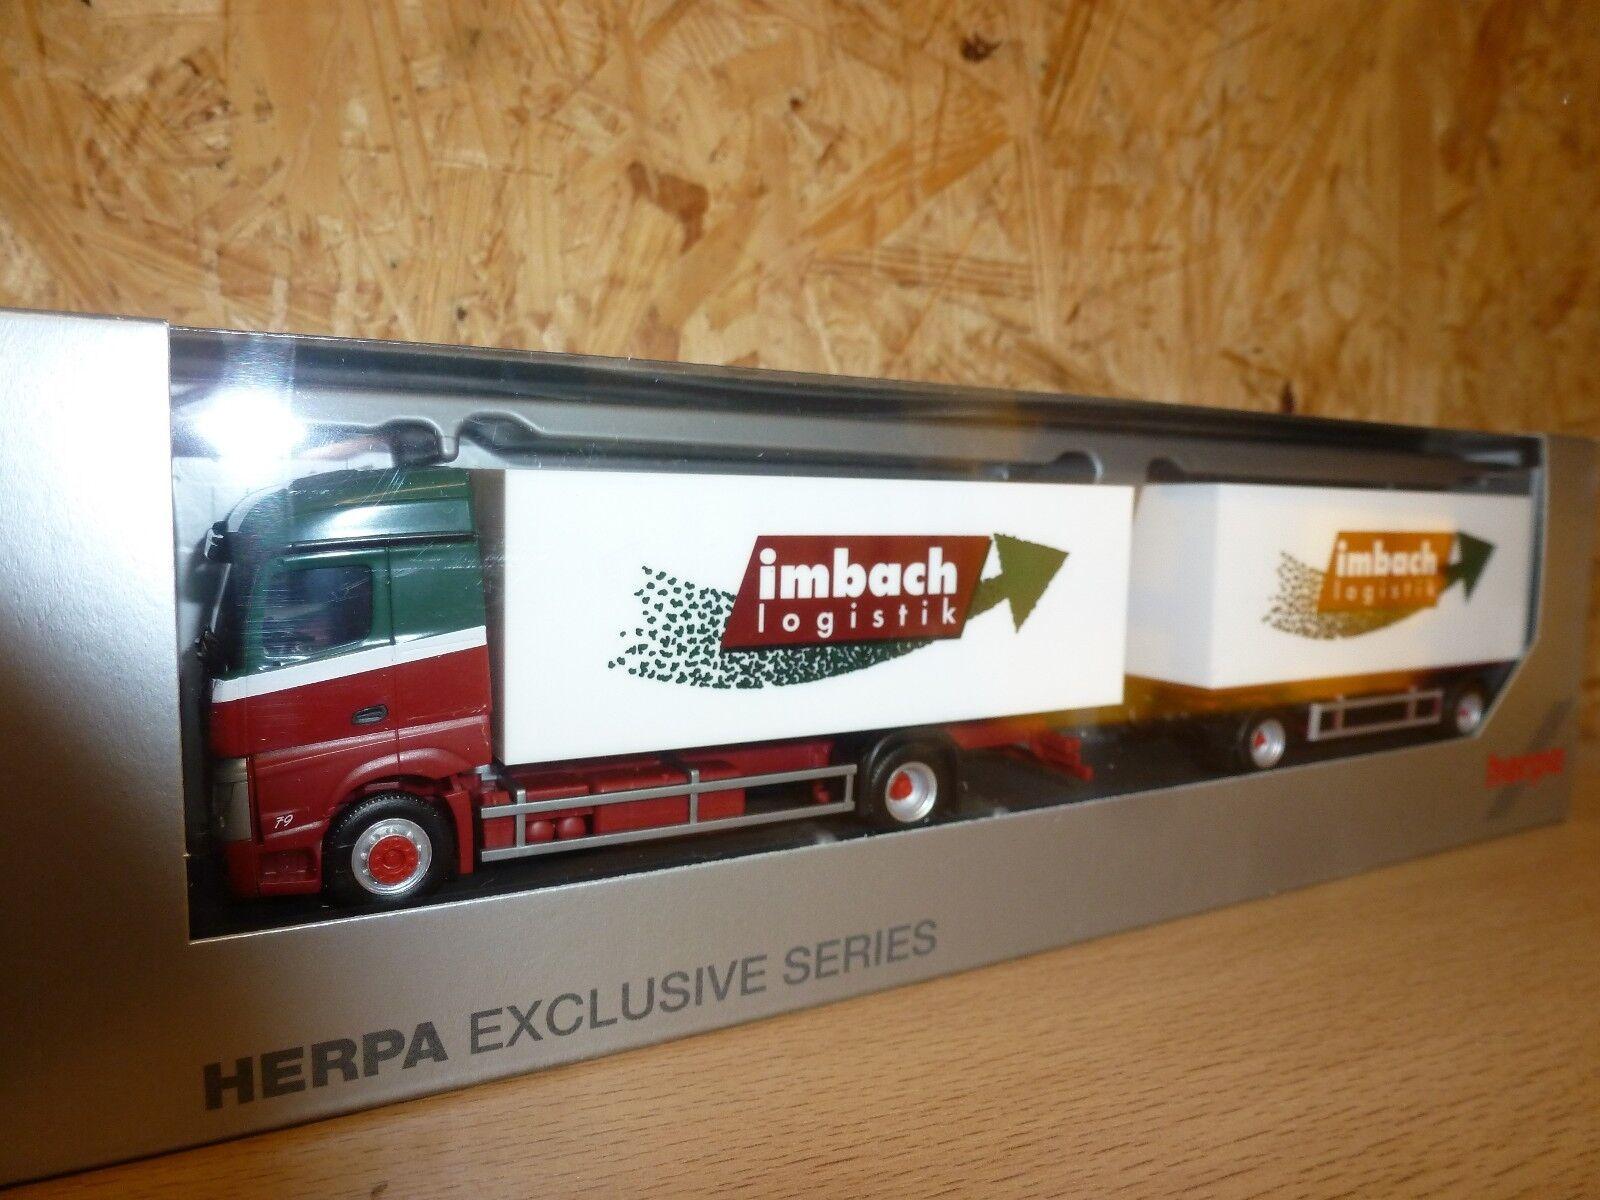 compra en línea hoy Herpa, 929691 camiones MB actros 11 11 11 streamspace K-Hz  imbach   mejor reputación